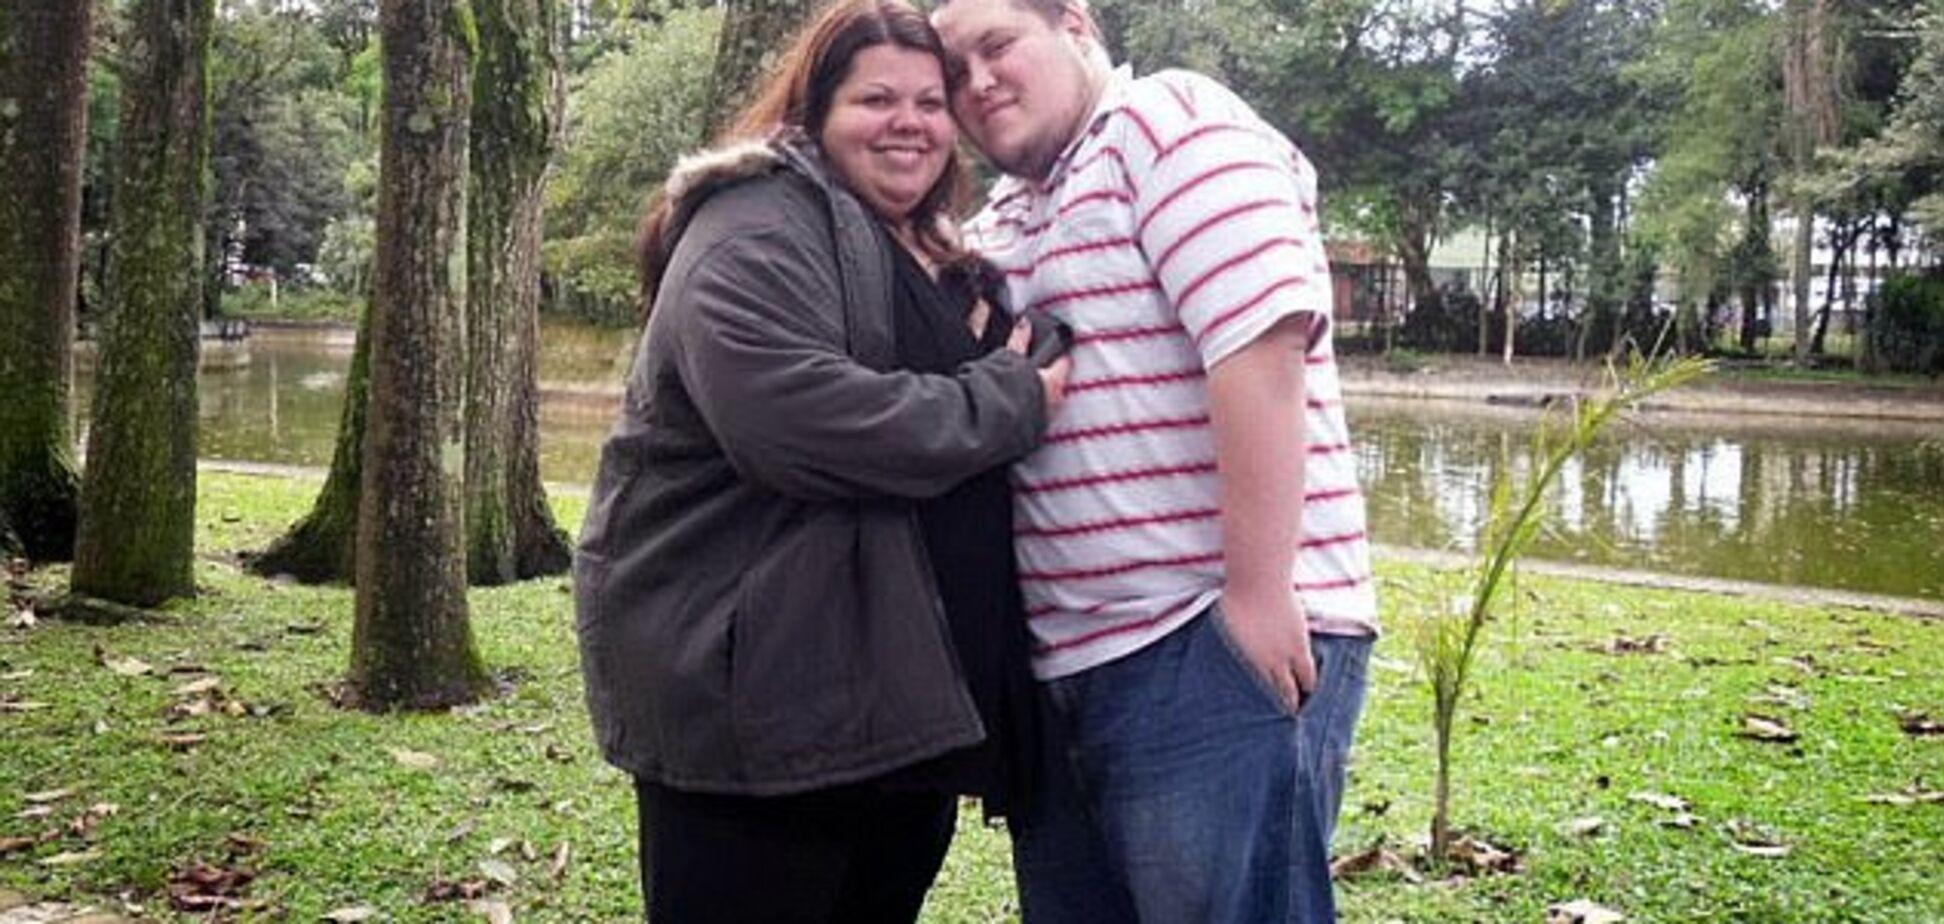 Втратили майже 200 кг на двох: шокуючі фото 'до' і 'після'